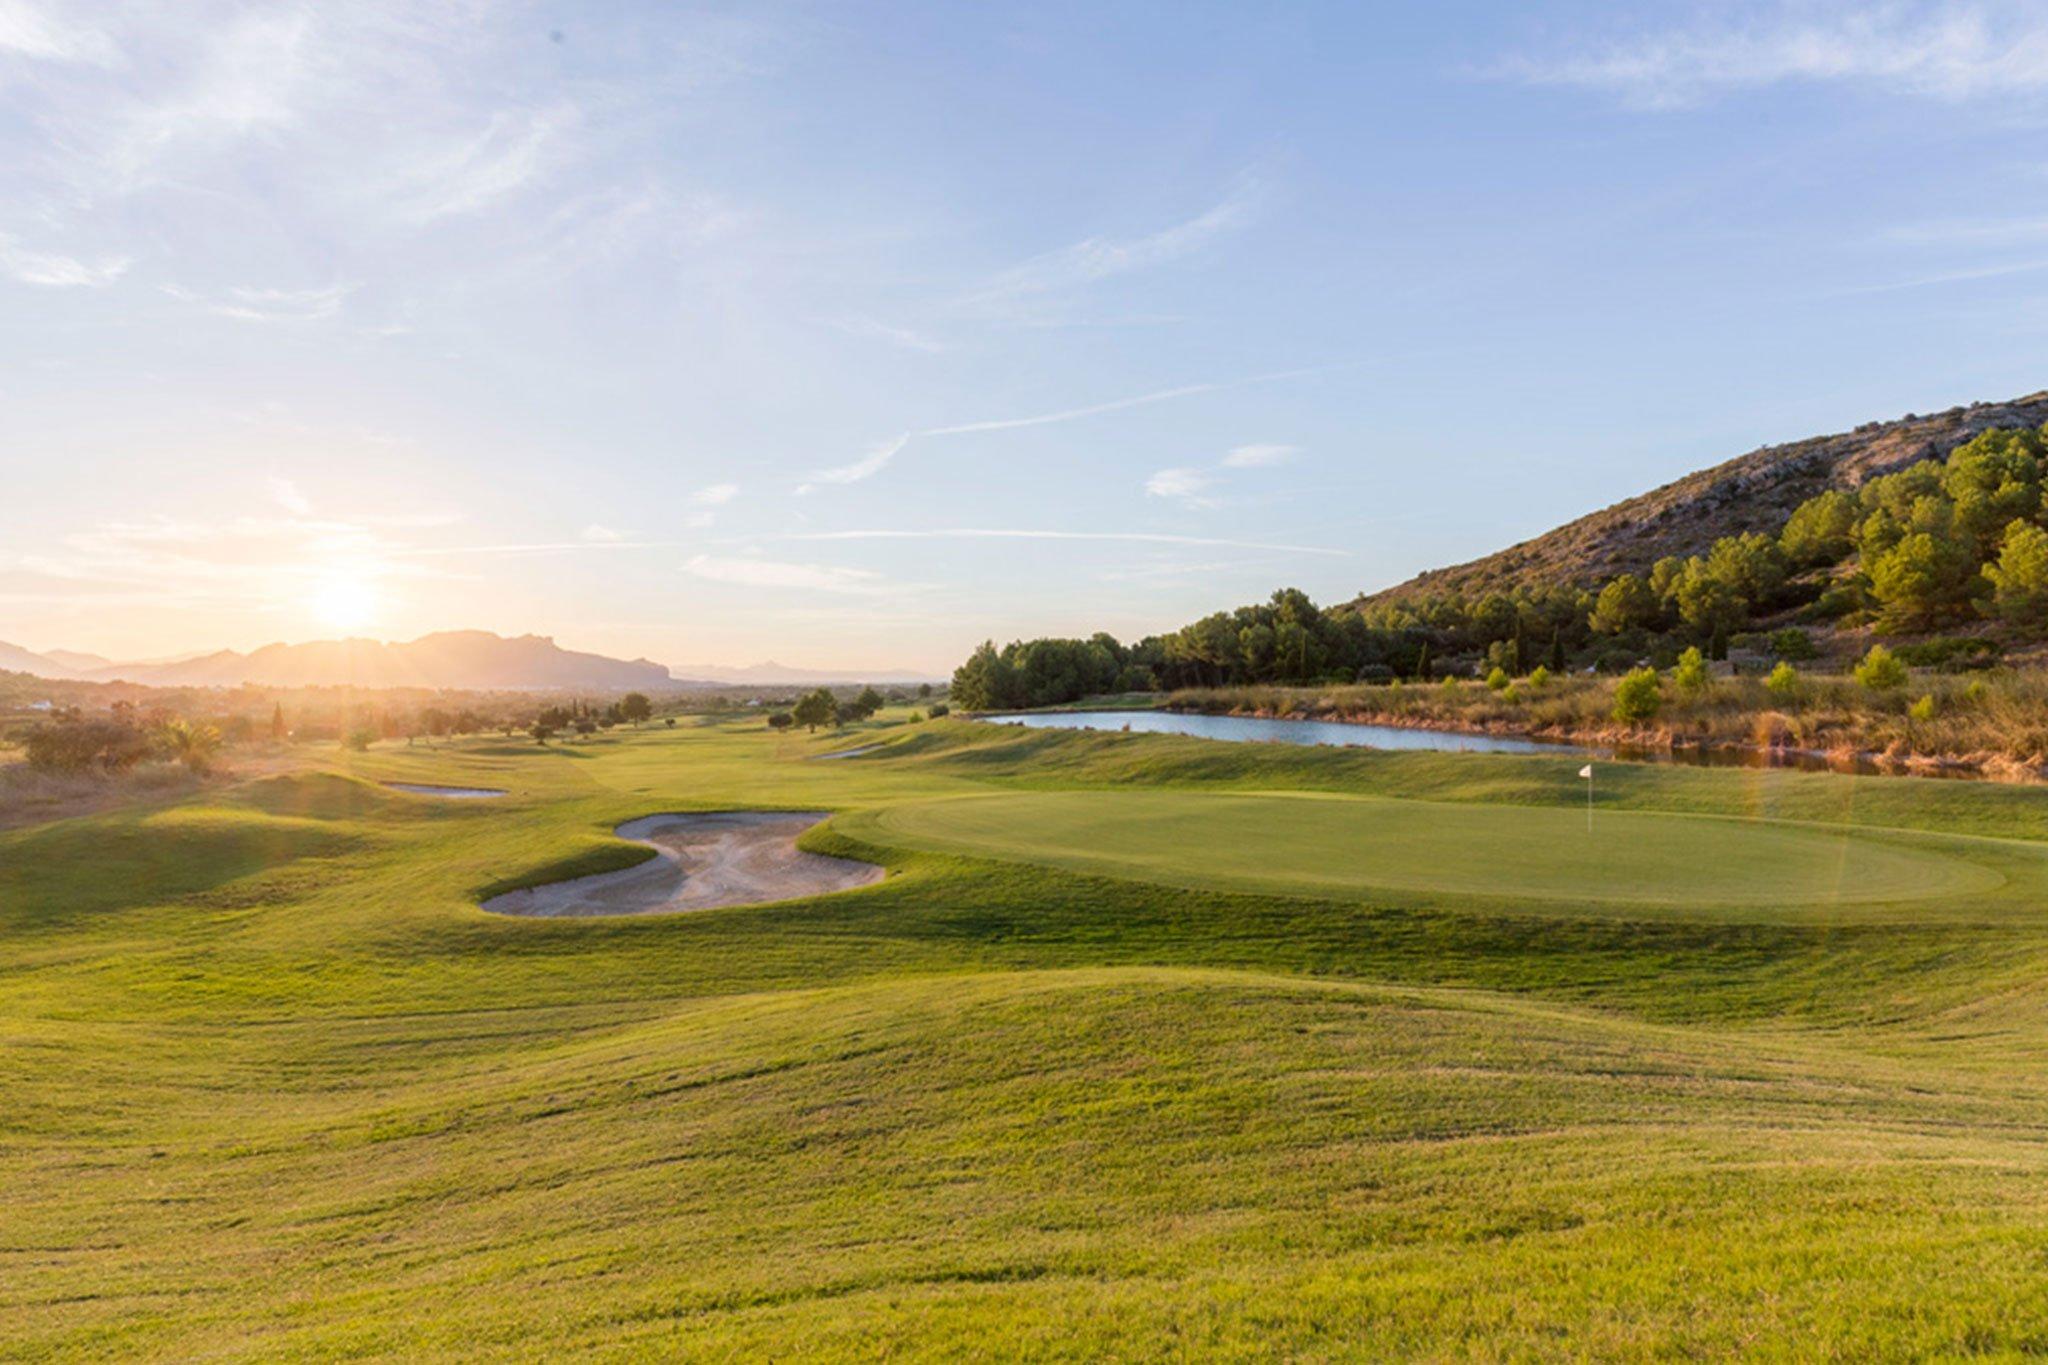 La Sella Golf golf course